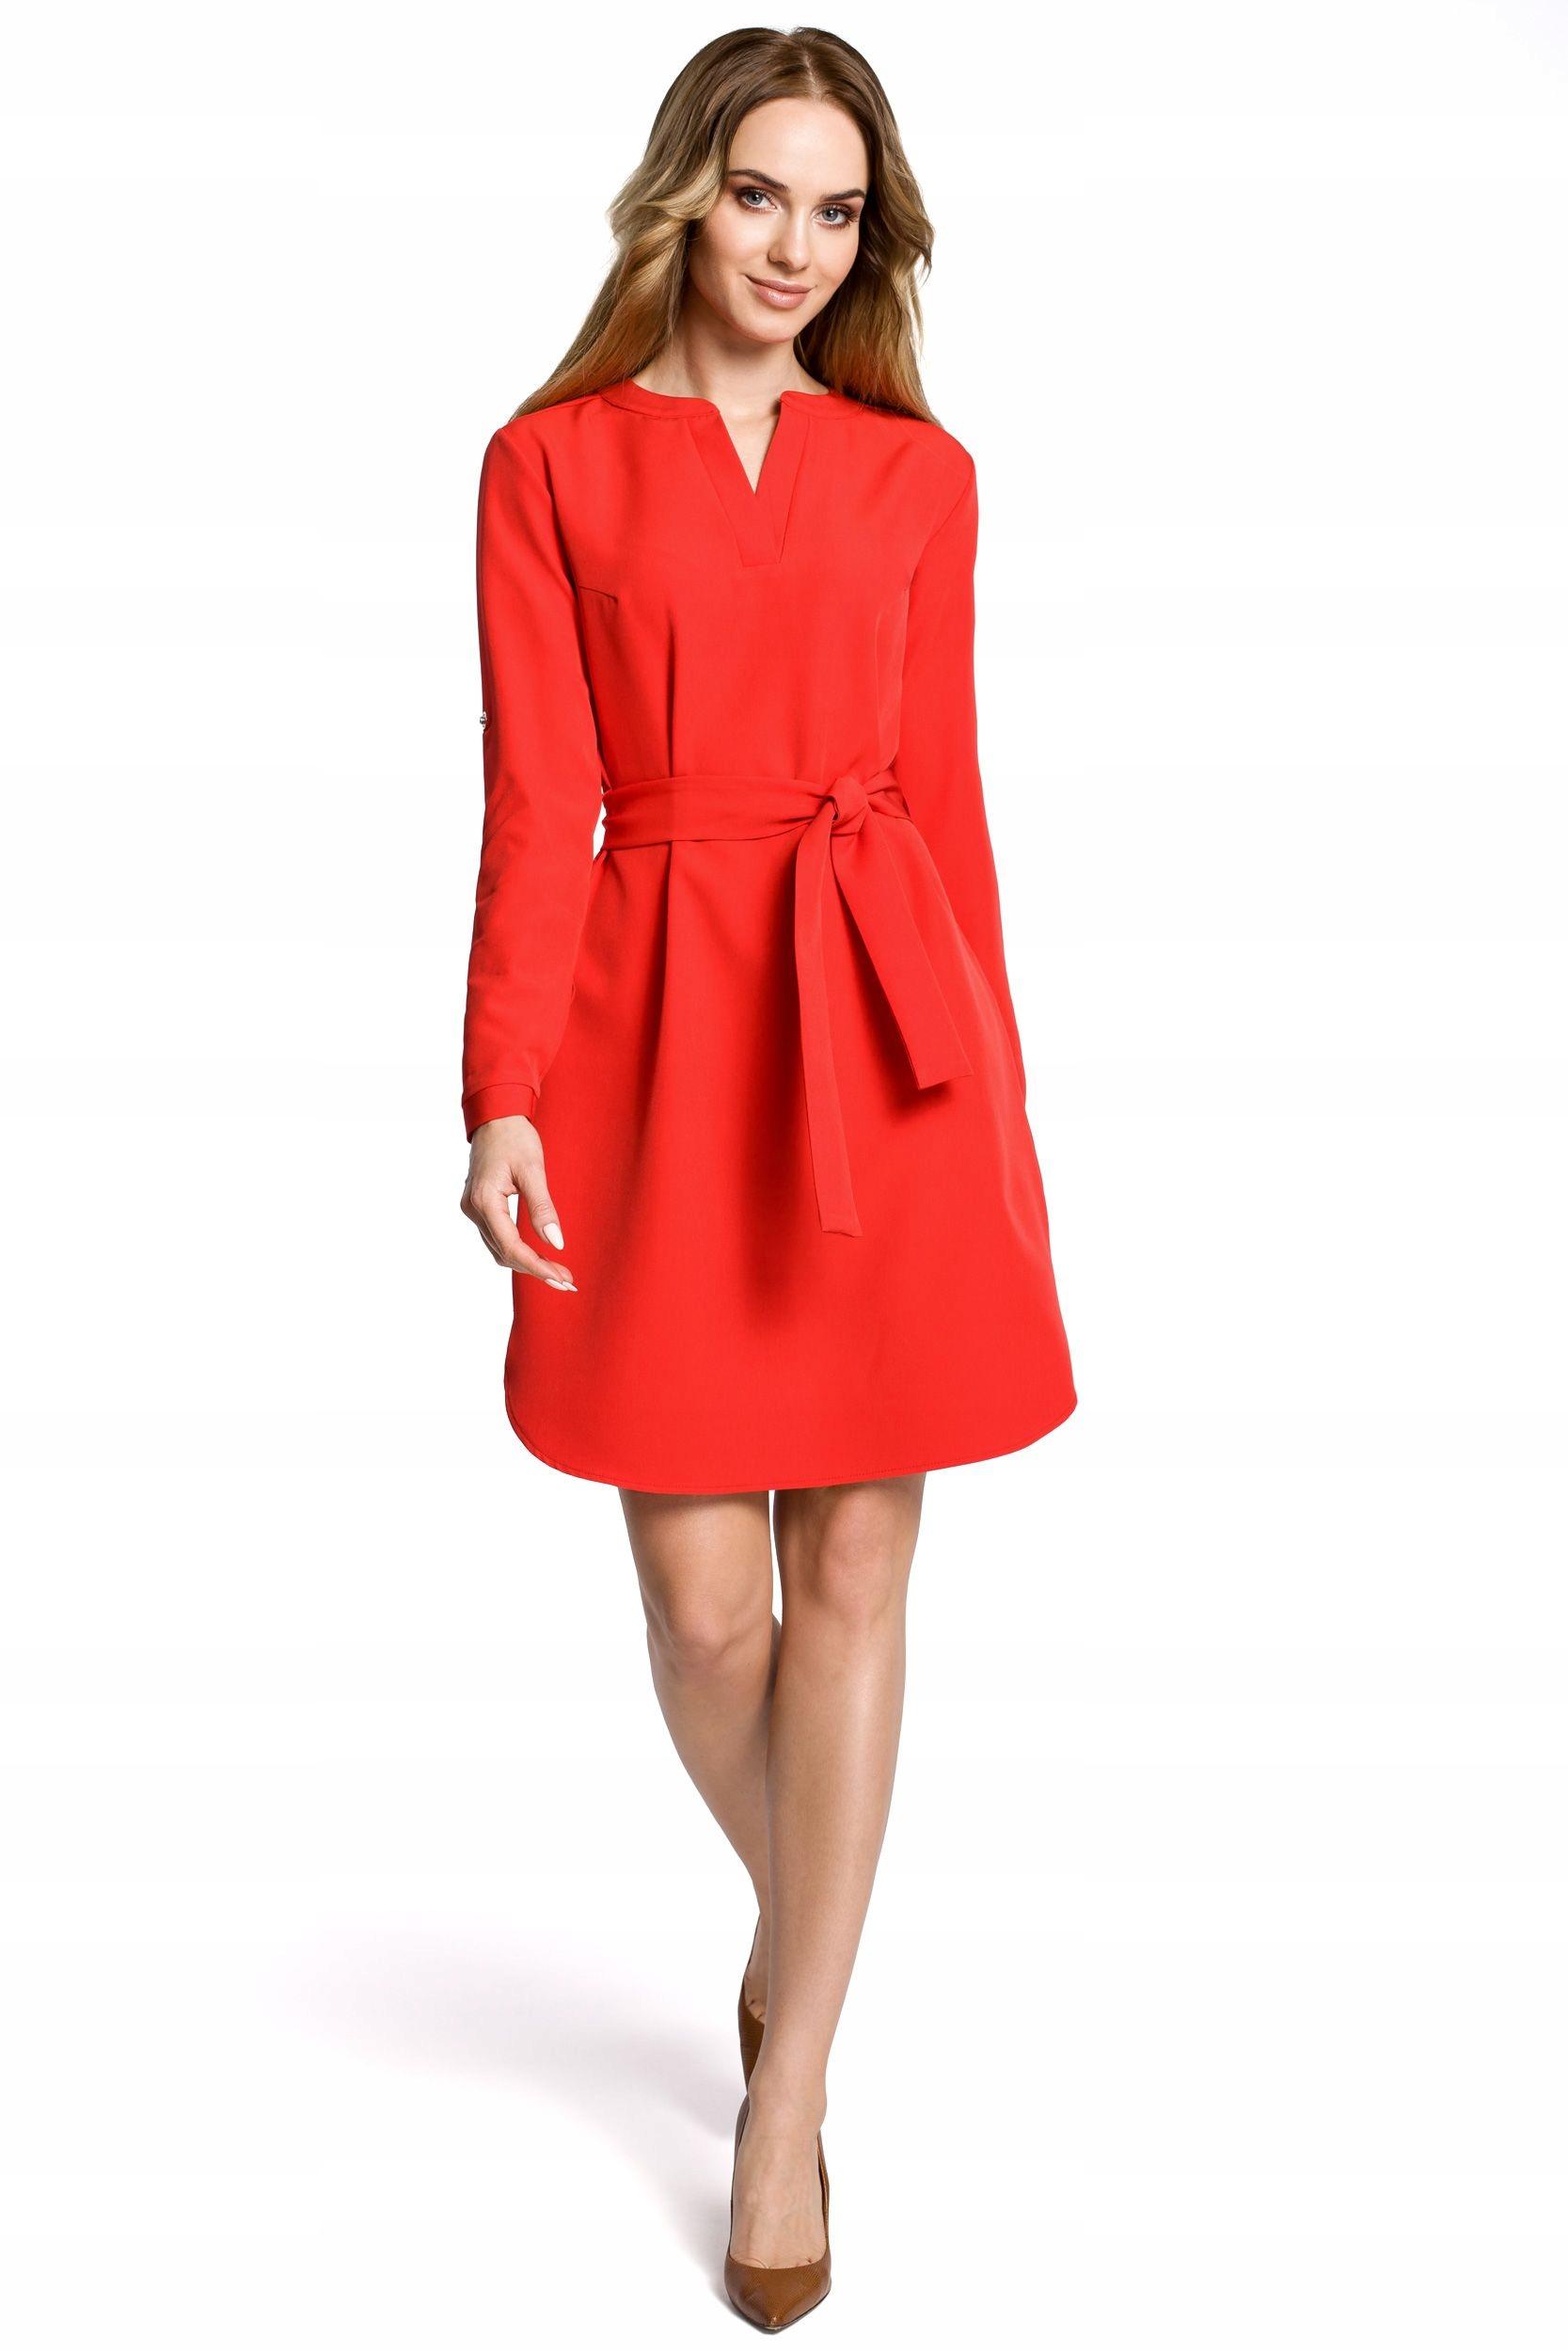 M361 Sukienka koszulowa z paskiem - czerwona 44 |